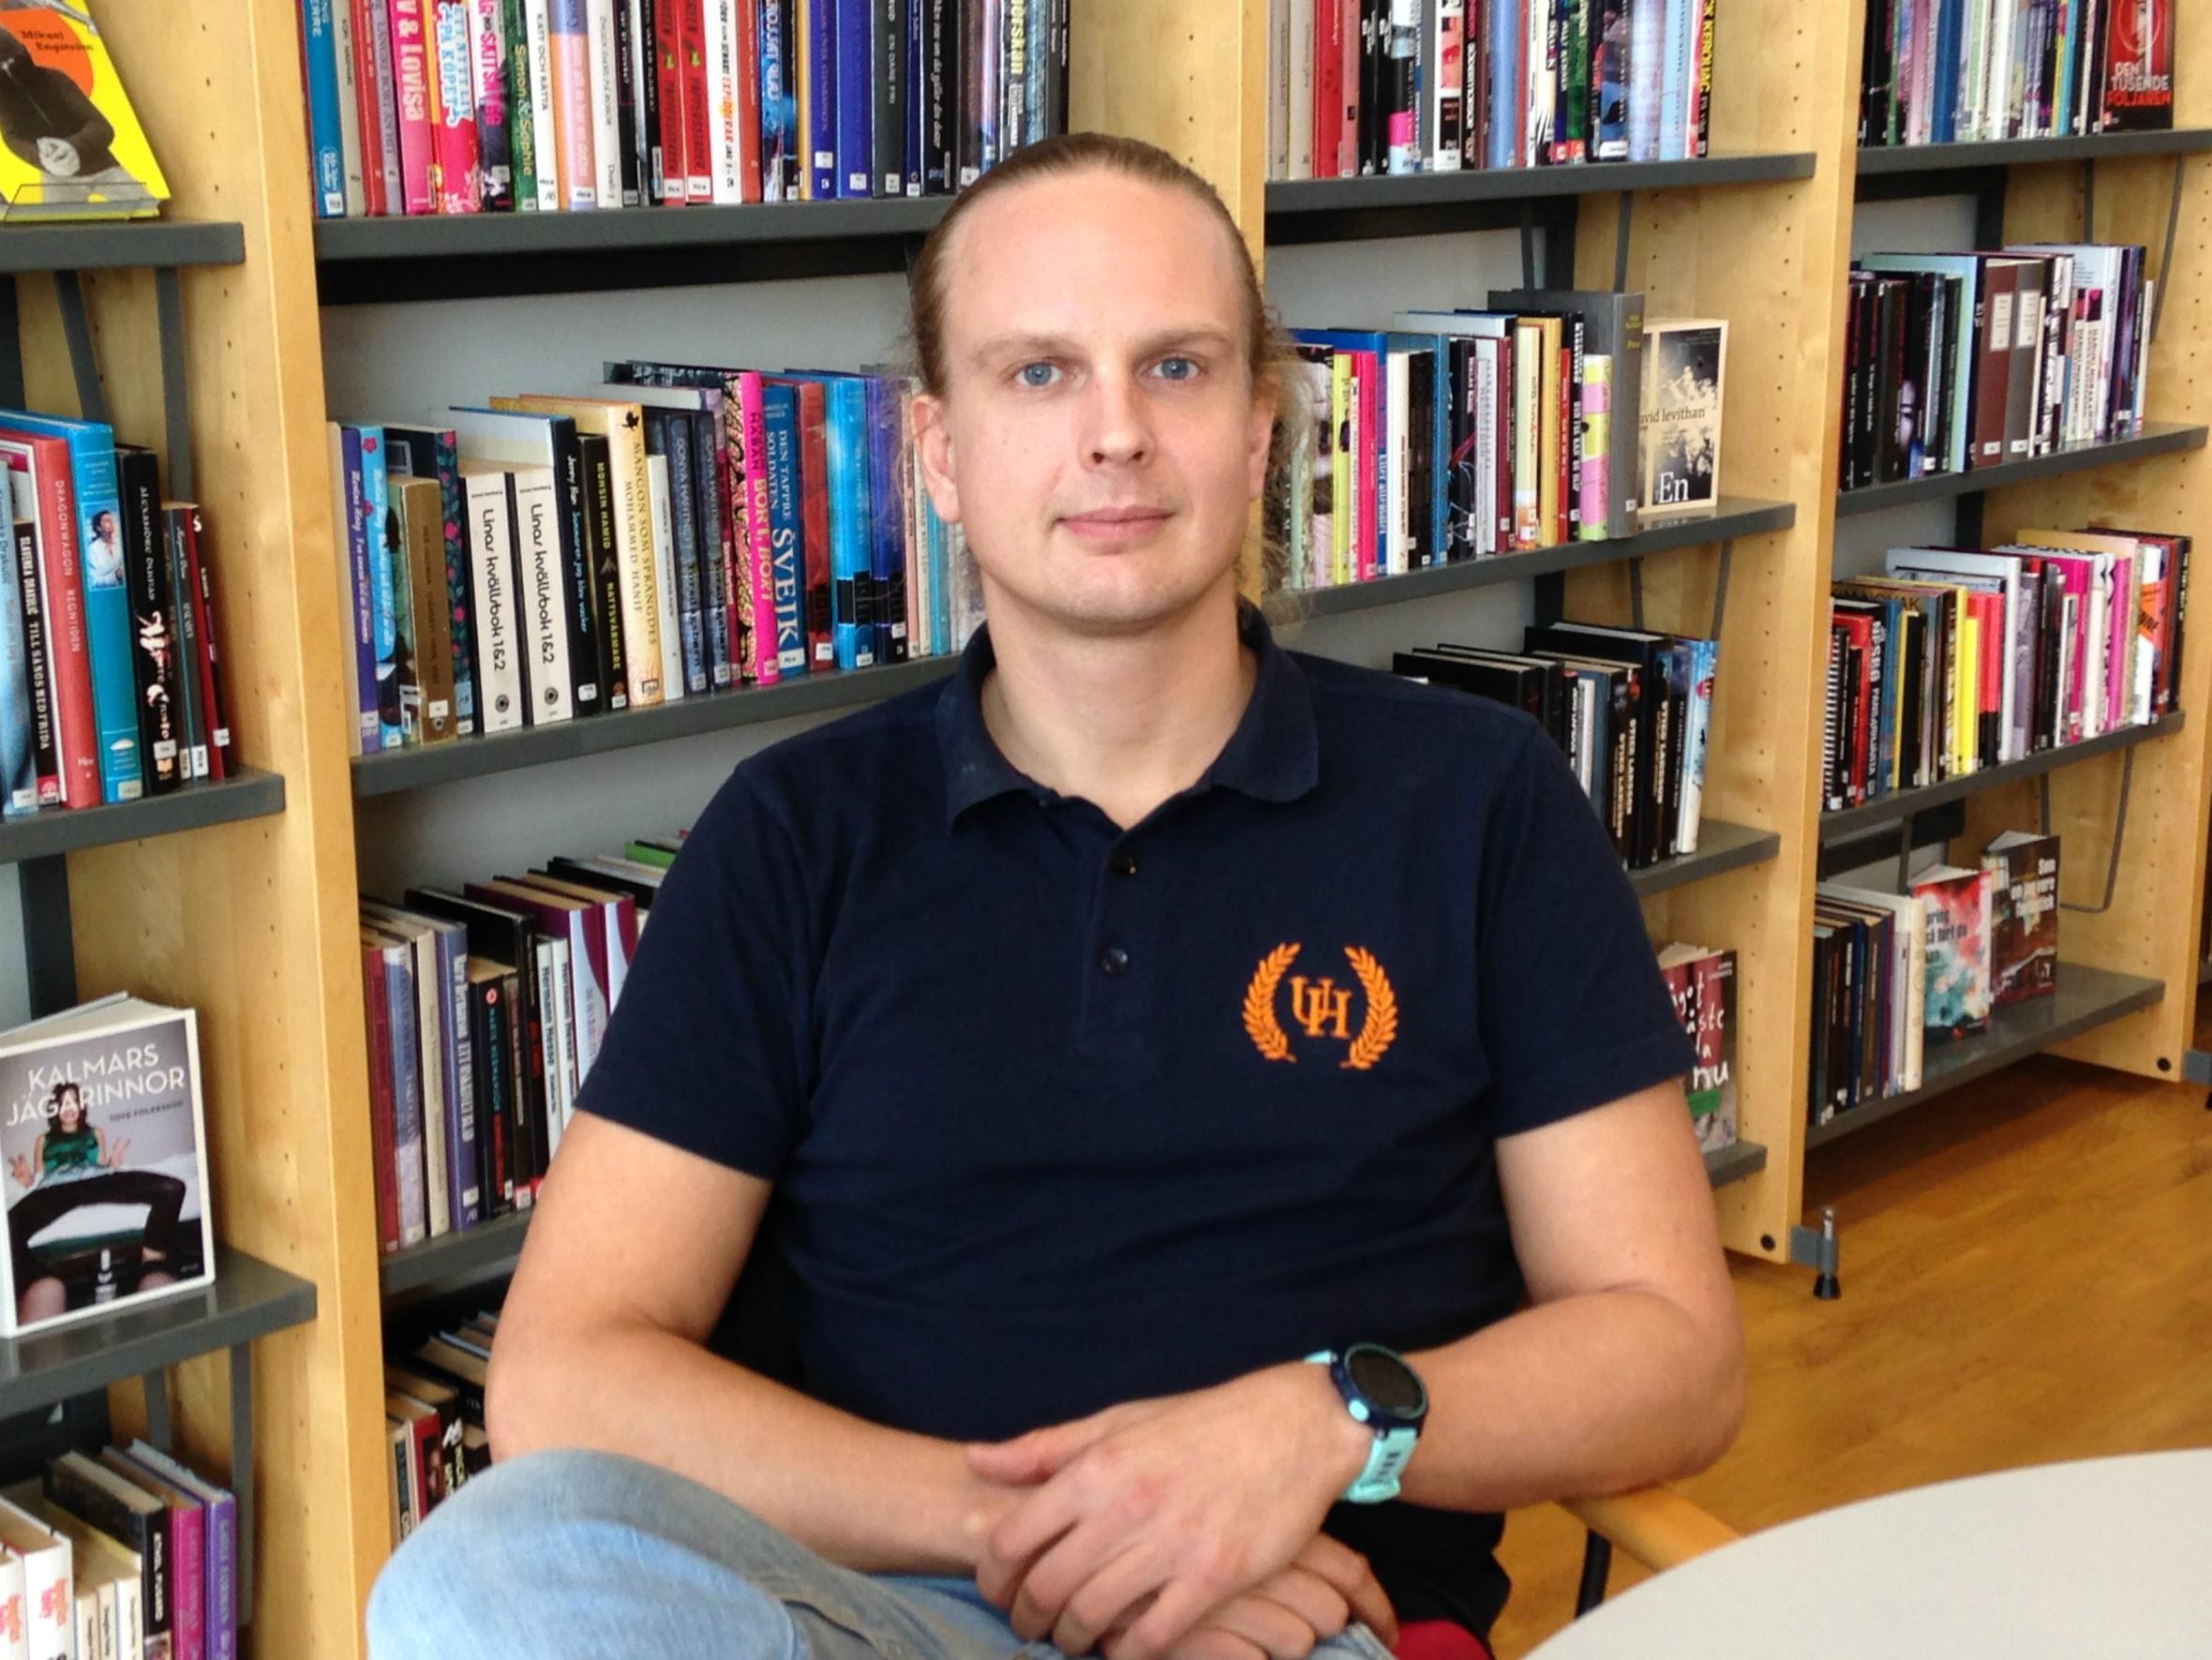 LO i bibliotek.